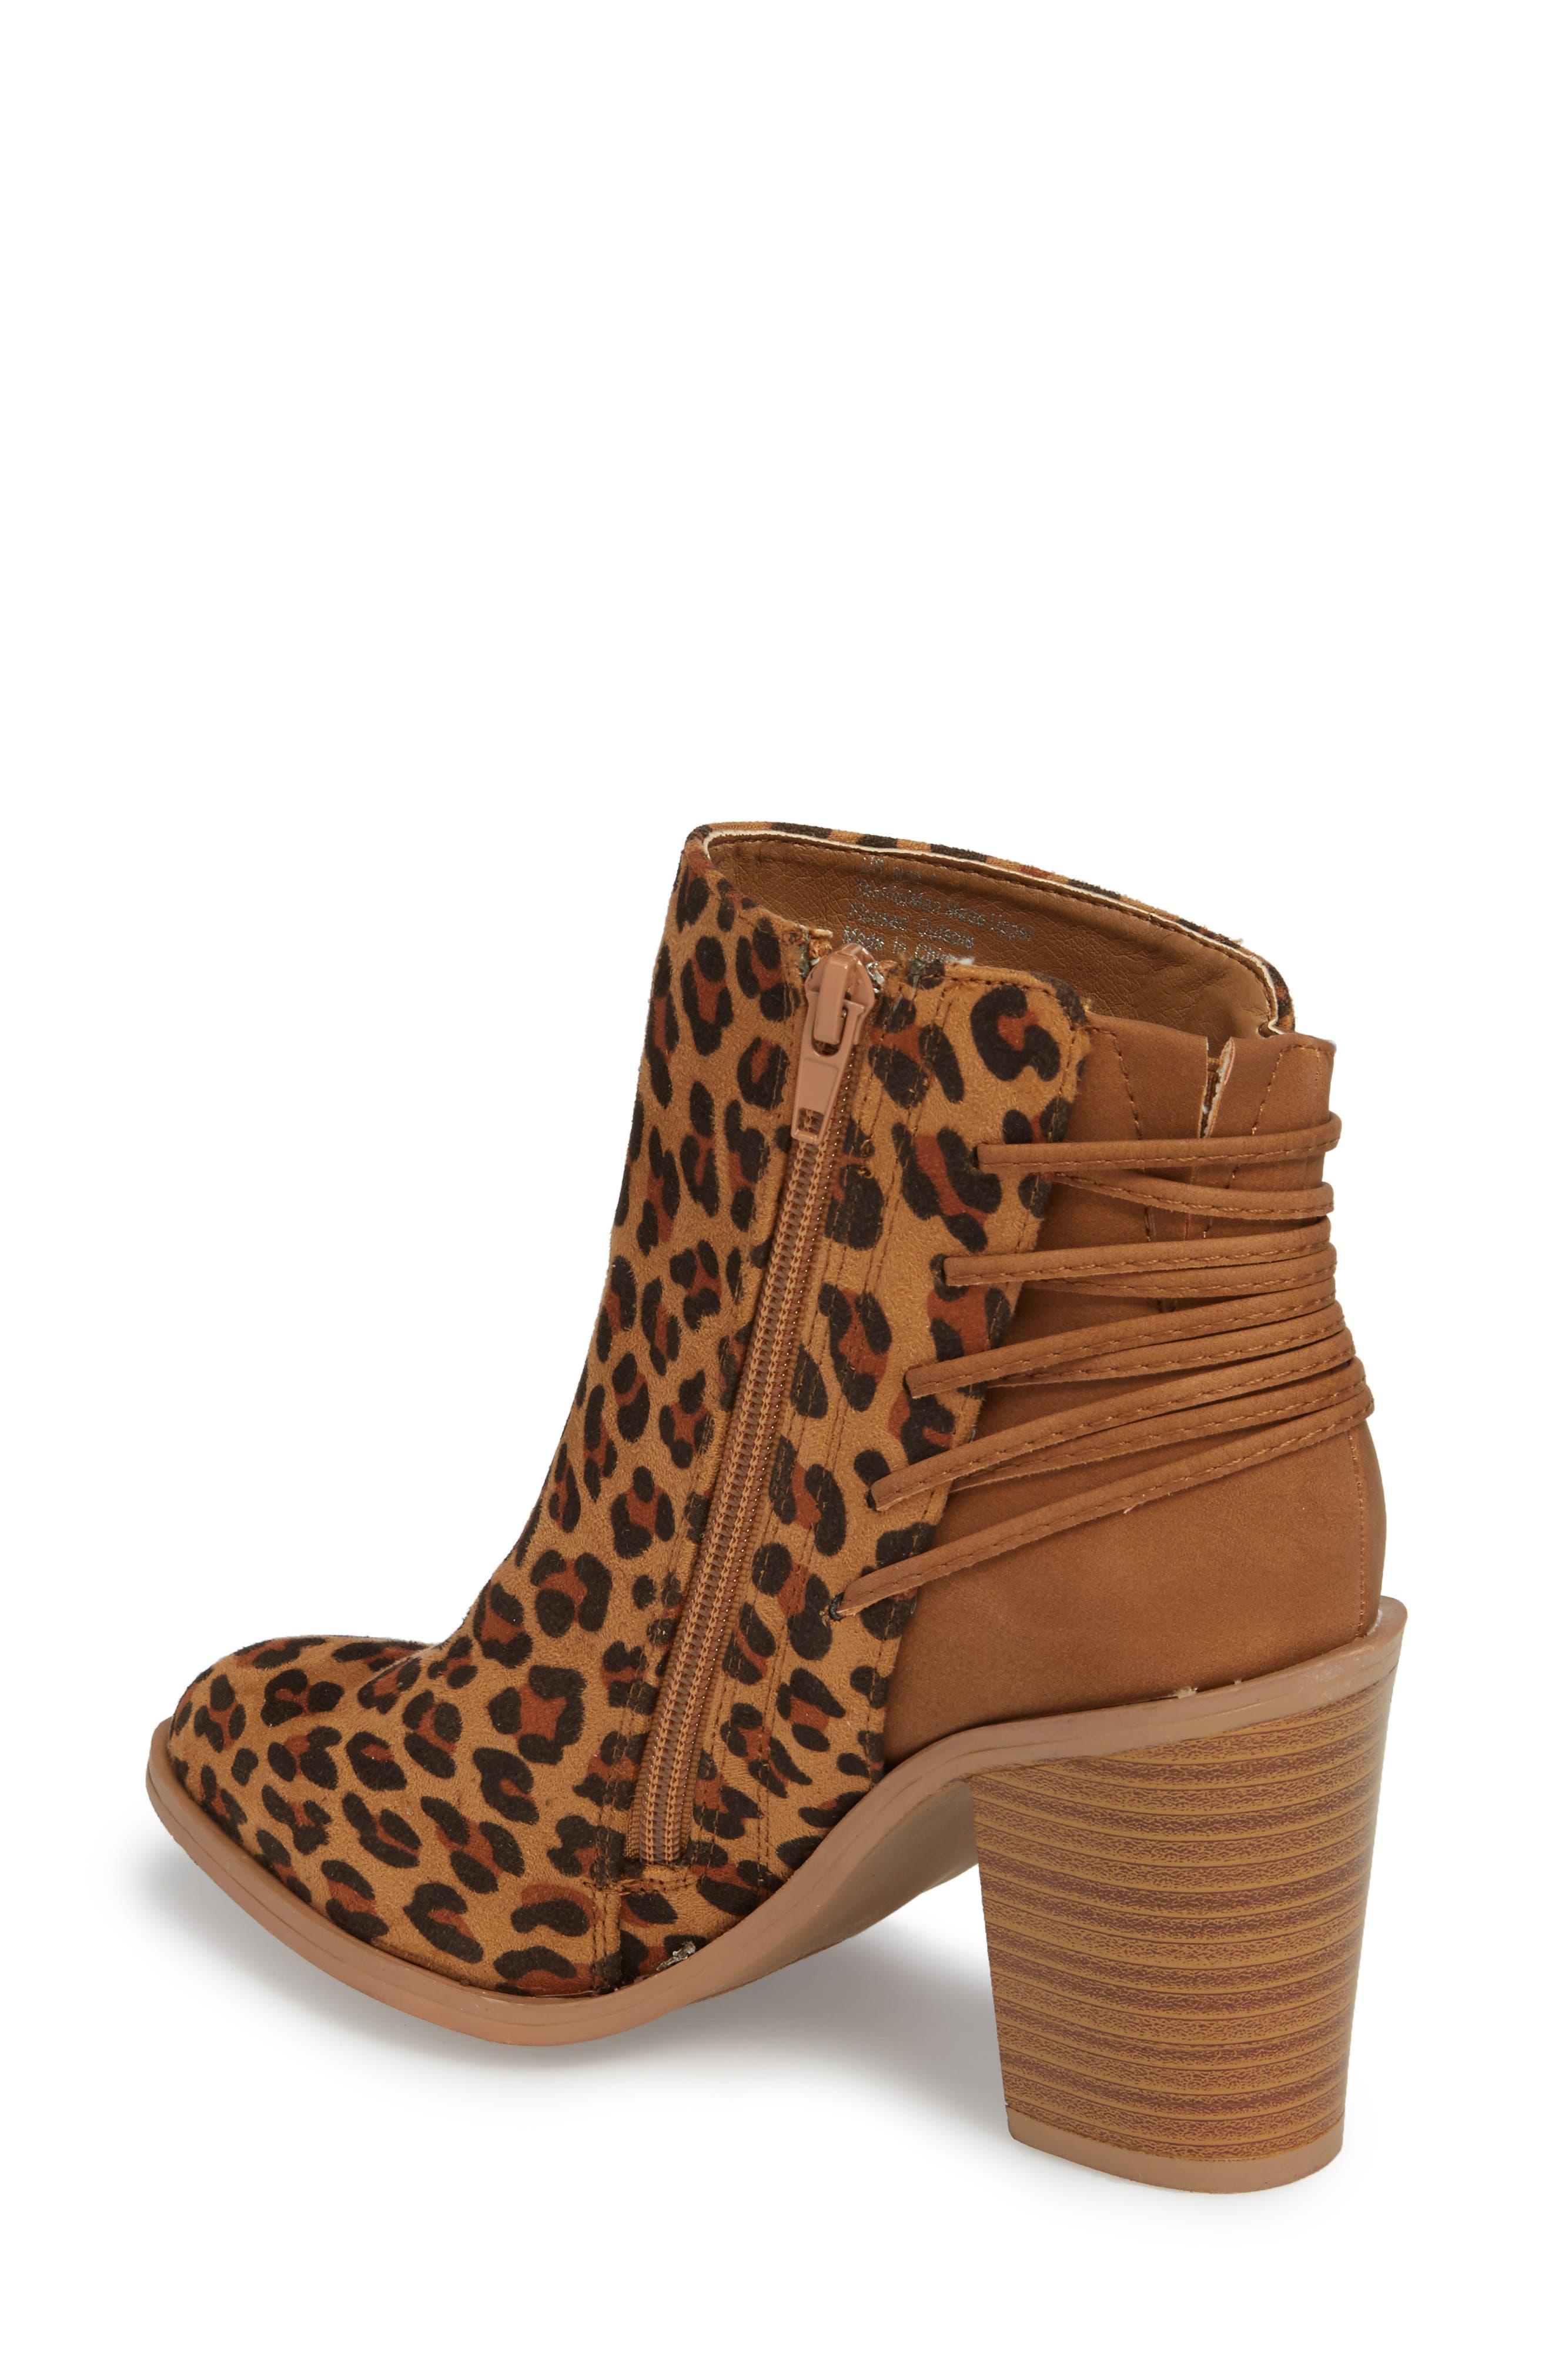 Lacey Leopard Bootie,                             Alternate thumbnail 2, color,                             243